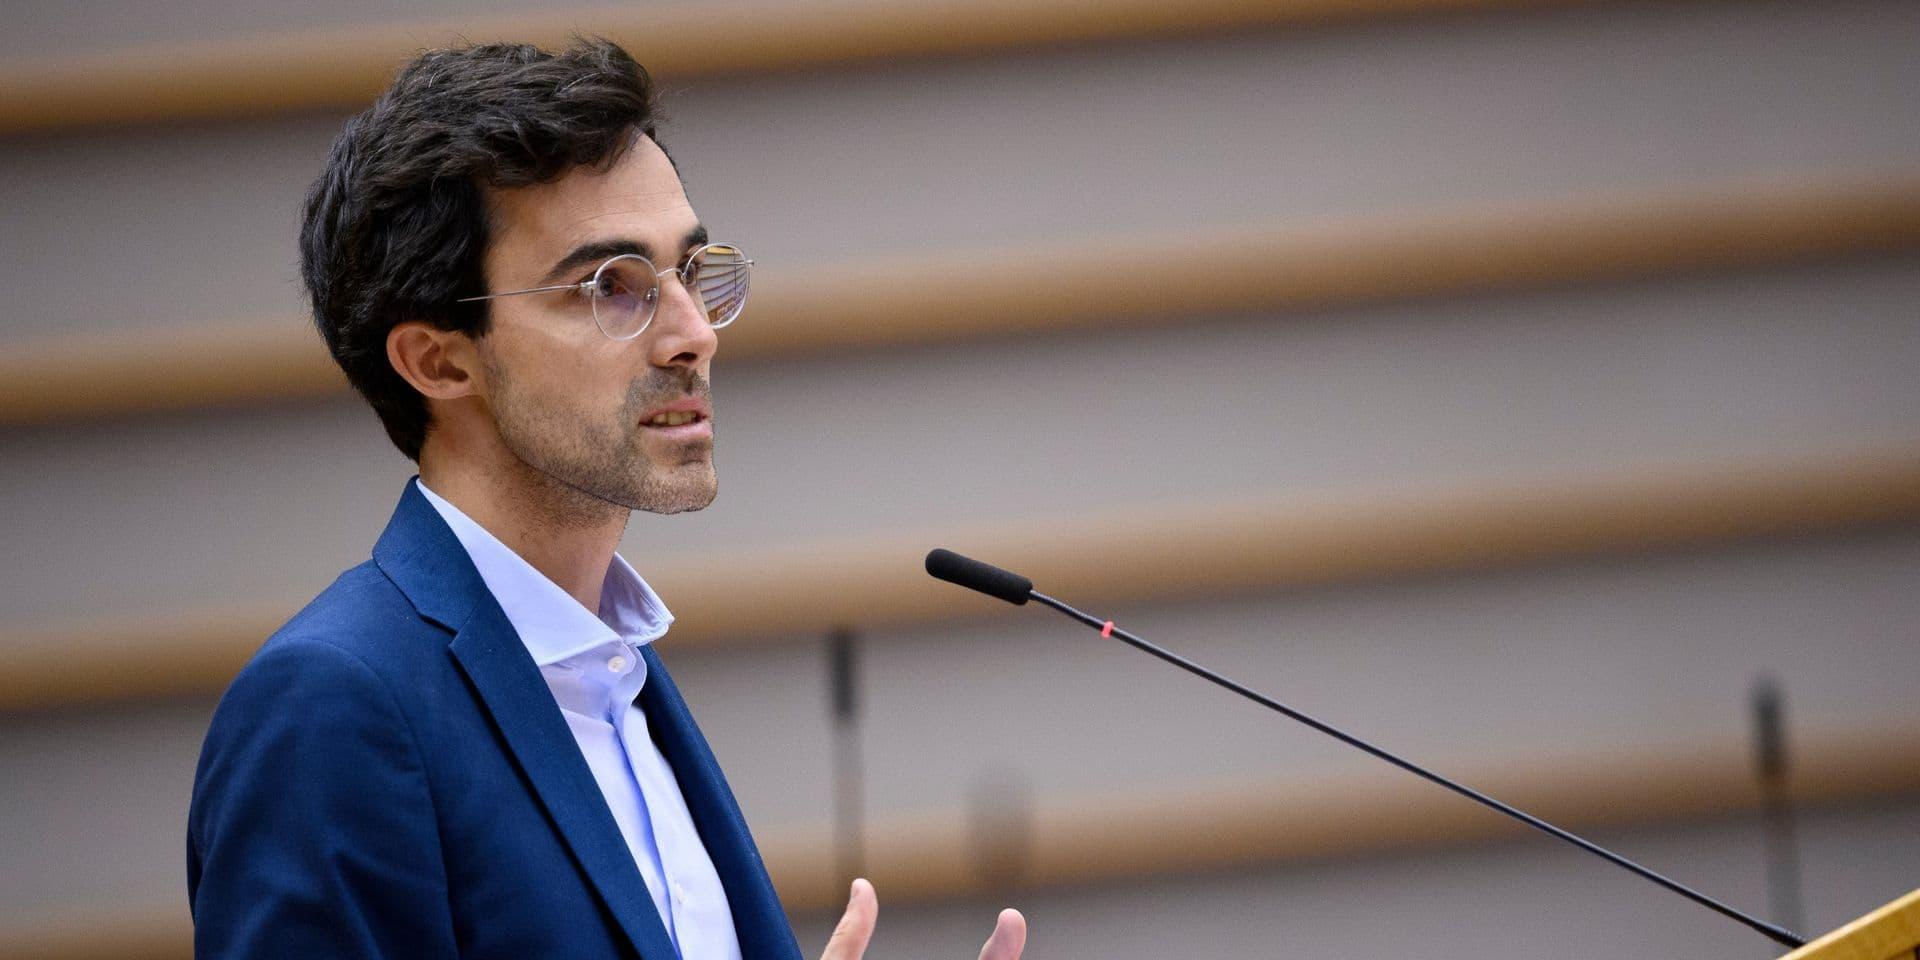 Après la déception Calvo, Groen va examiner la manière dont sont désignés ses ministres